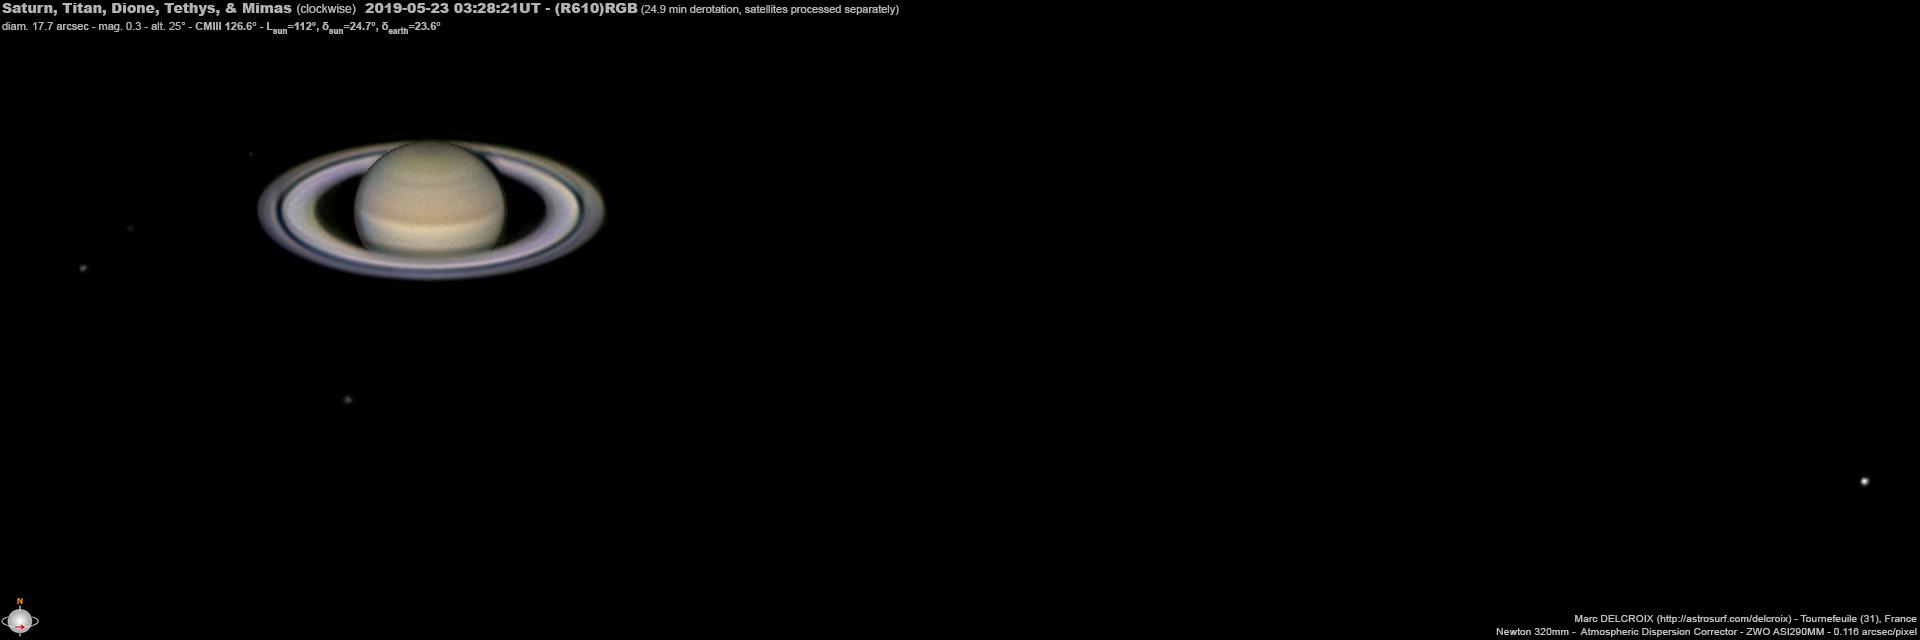 s2019-05-23_03-28-12_r610rgb_md.jpg